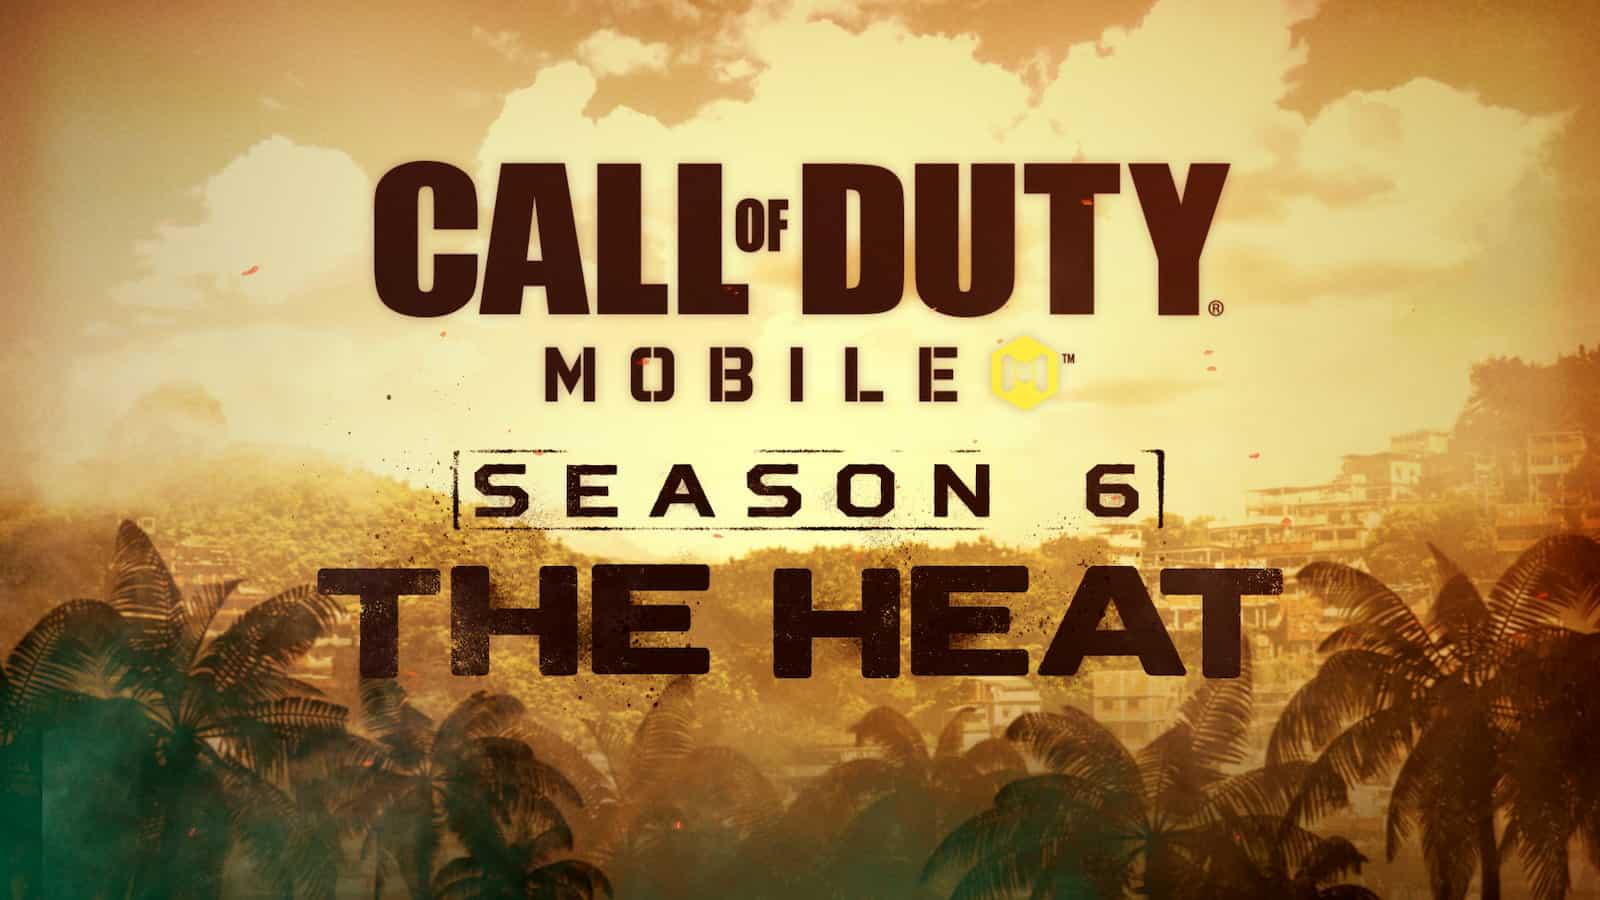 Call Of Duty Mobile Season 6 3